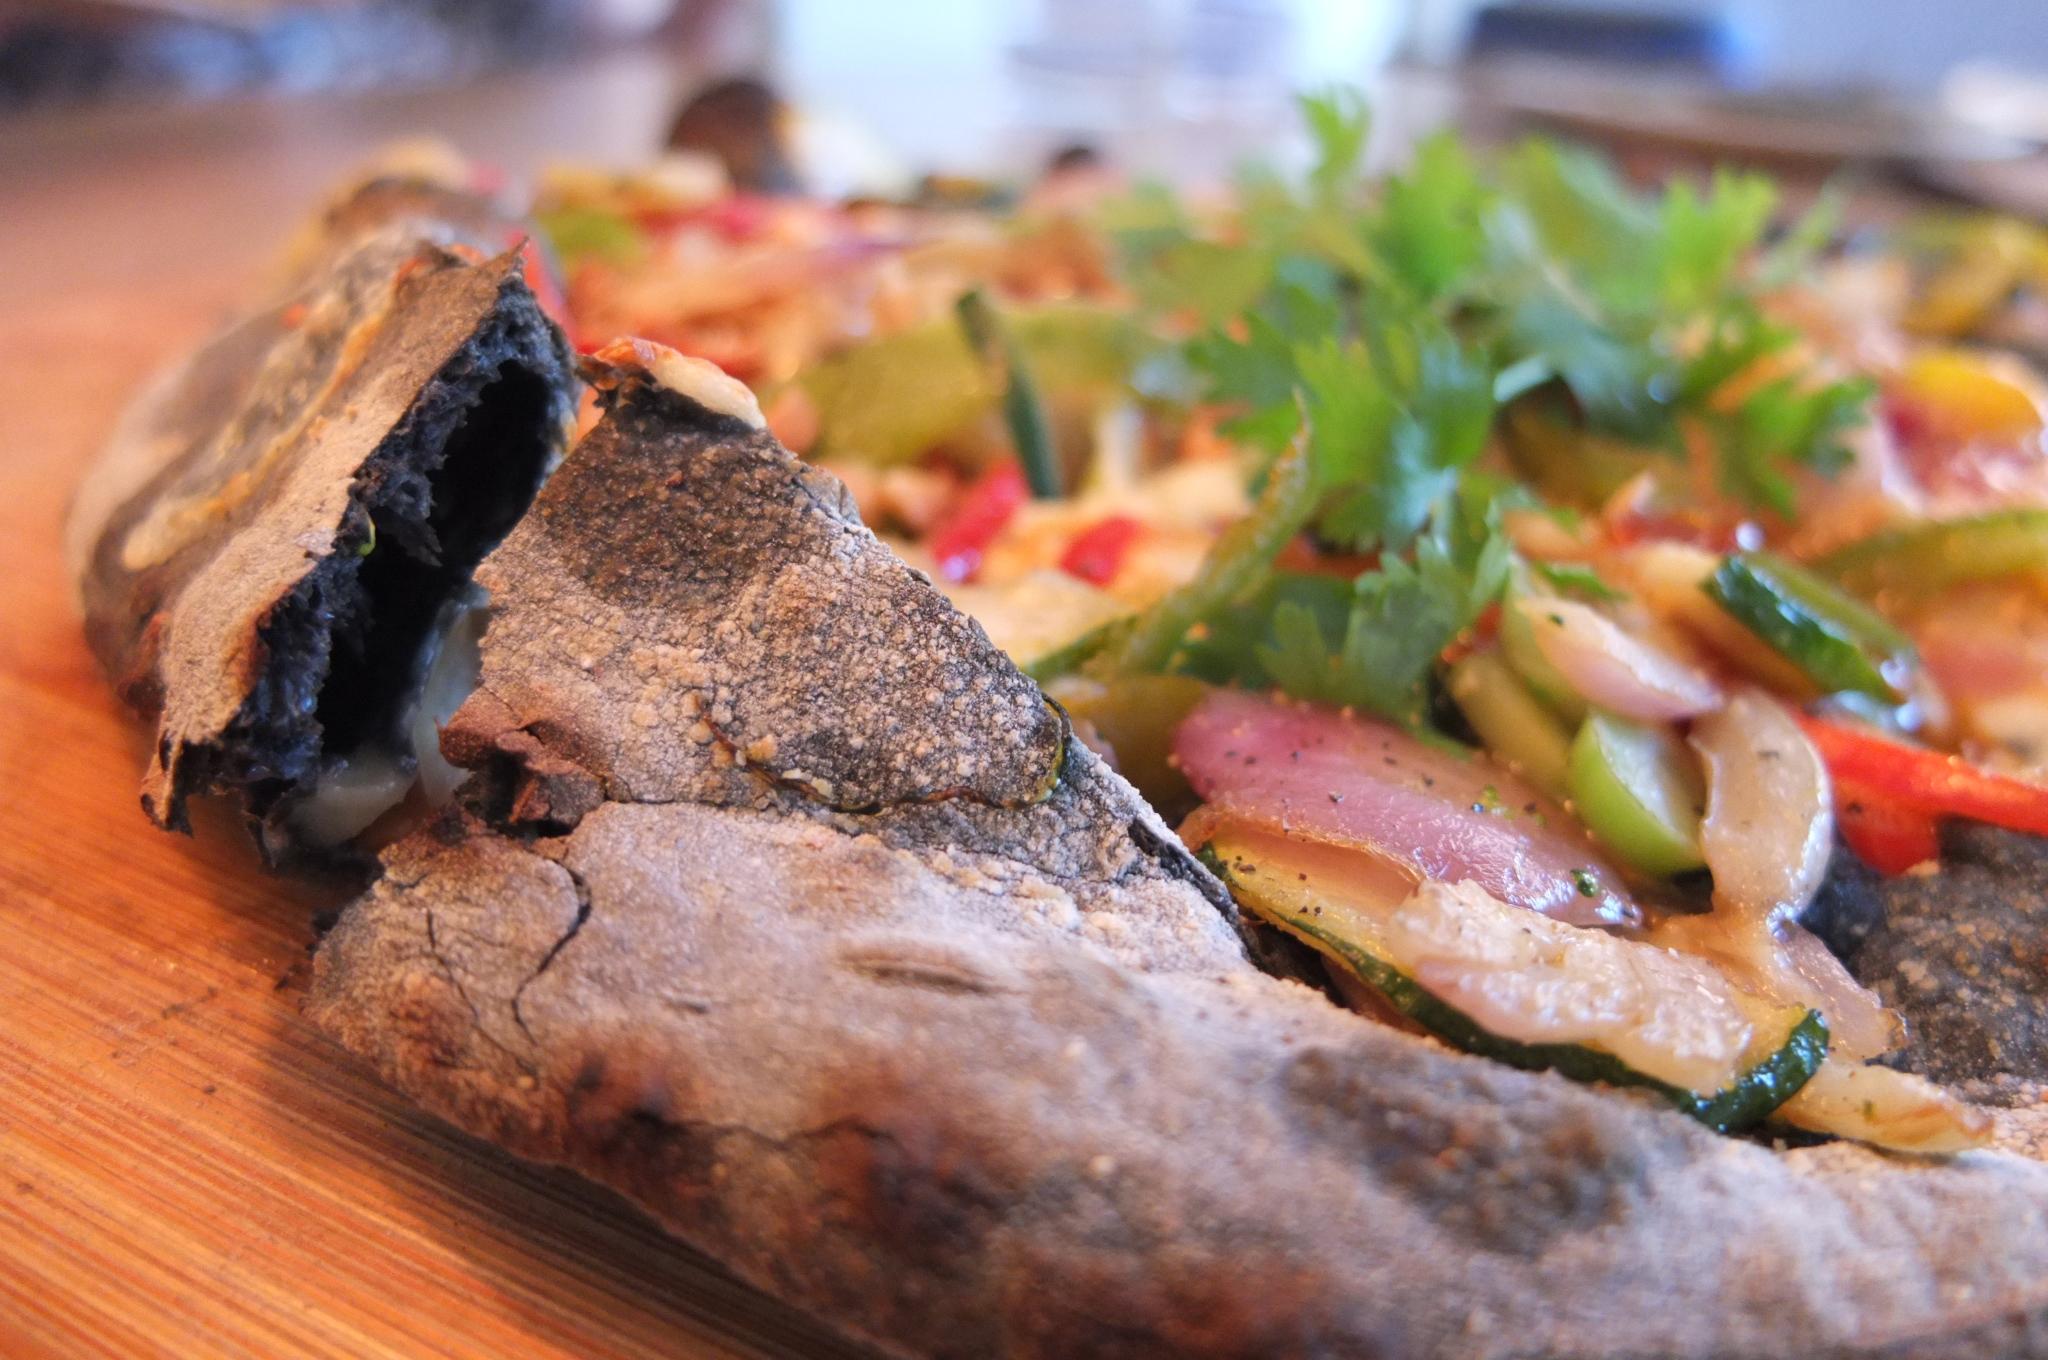 Pizza de carbón activado con vegetales, hecha al horno de leña / Foto: Godo Chillida para Los Foodistas©